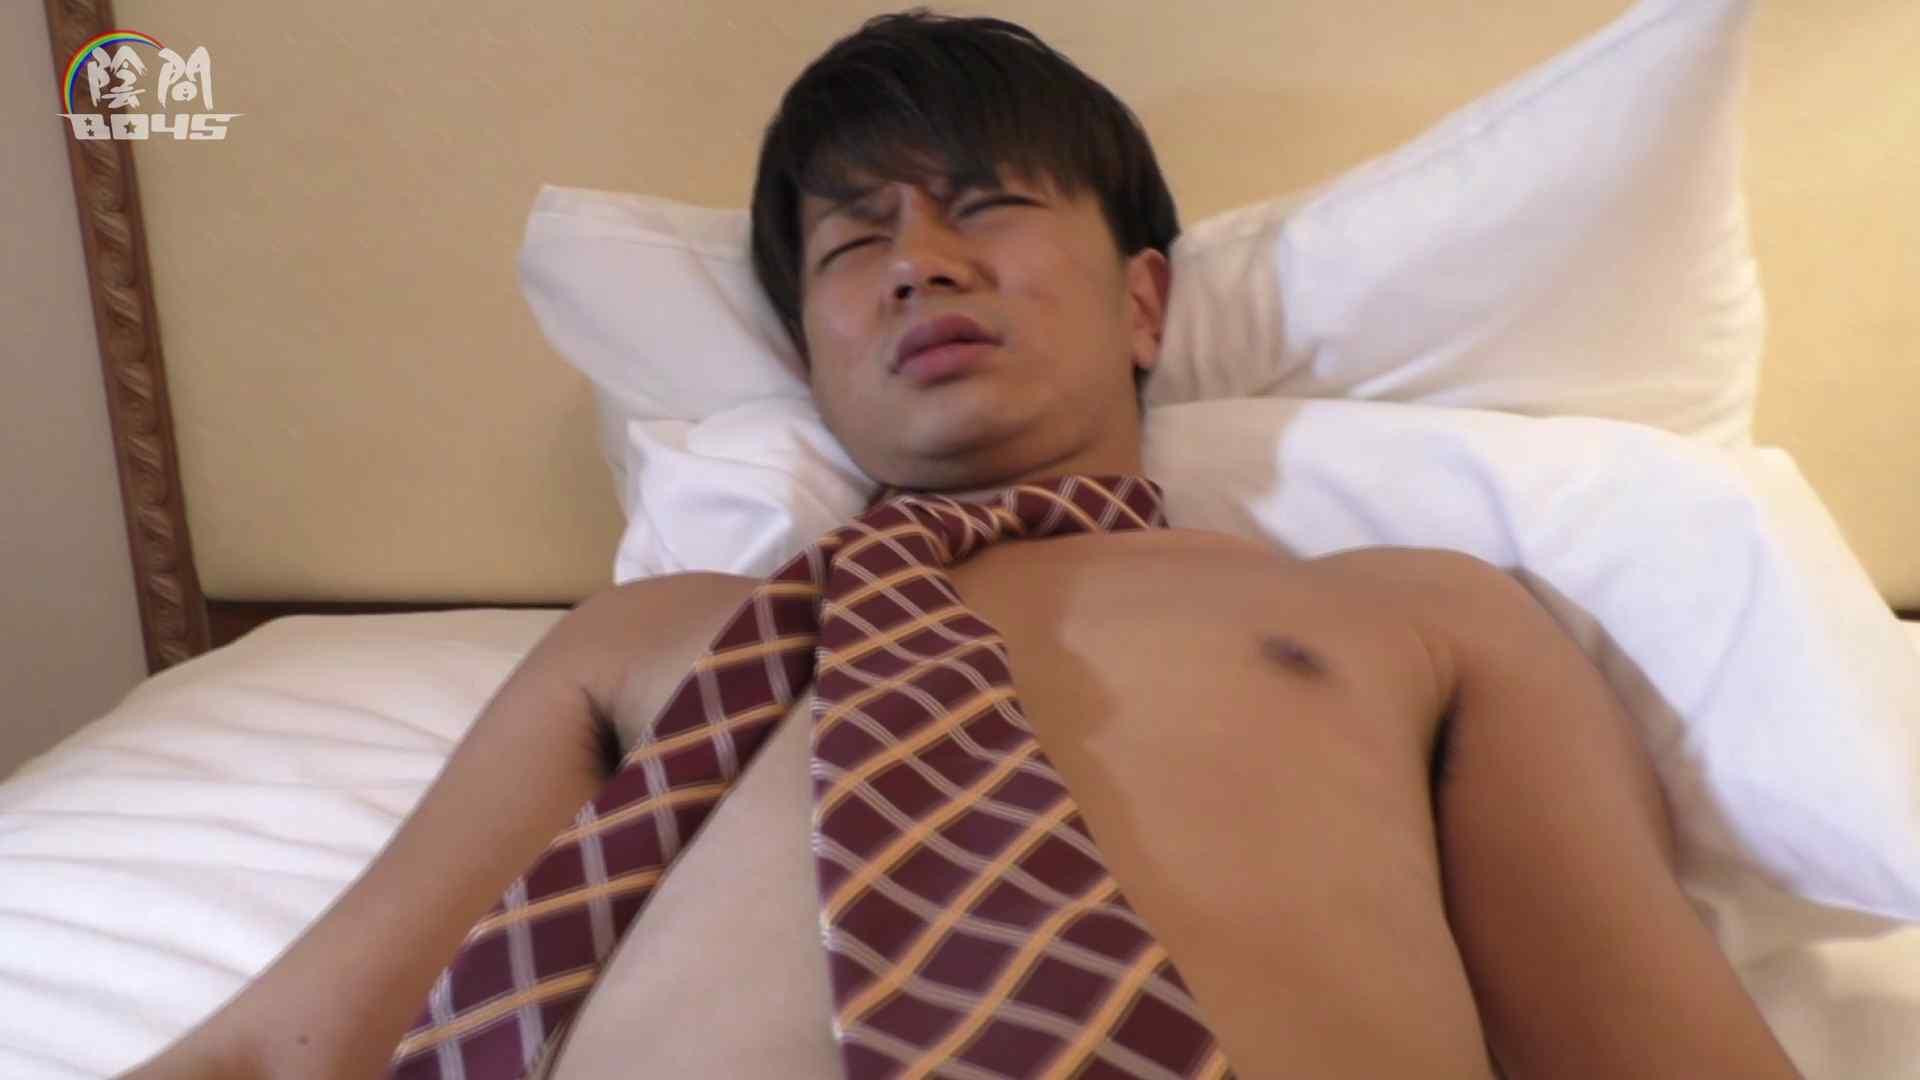 陰間BOYS~キャバクラの仕事はアナルから4 Vol.03 ザーメン ゲイエロ動画 68画像 26